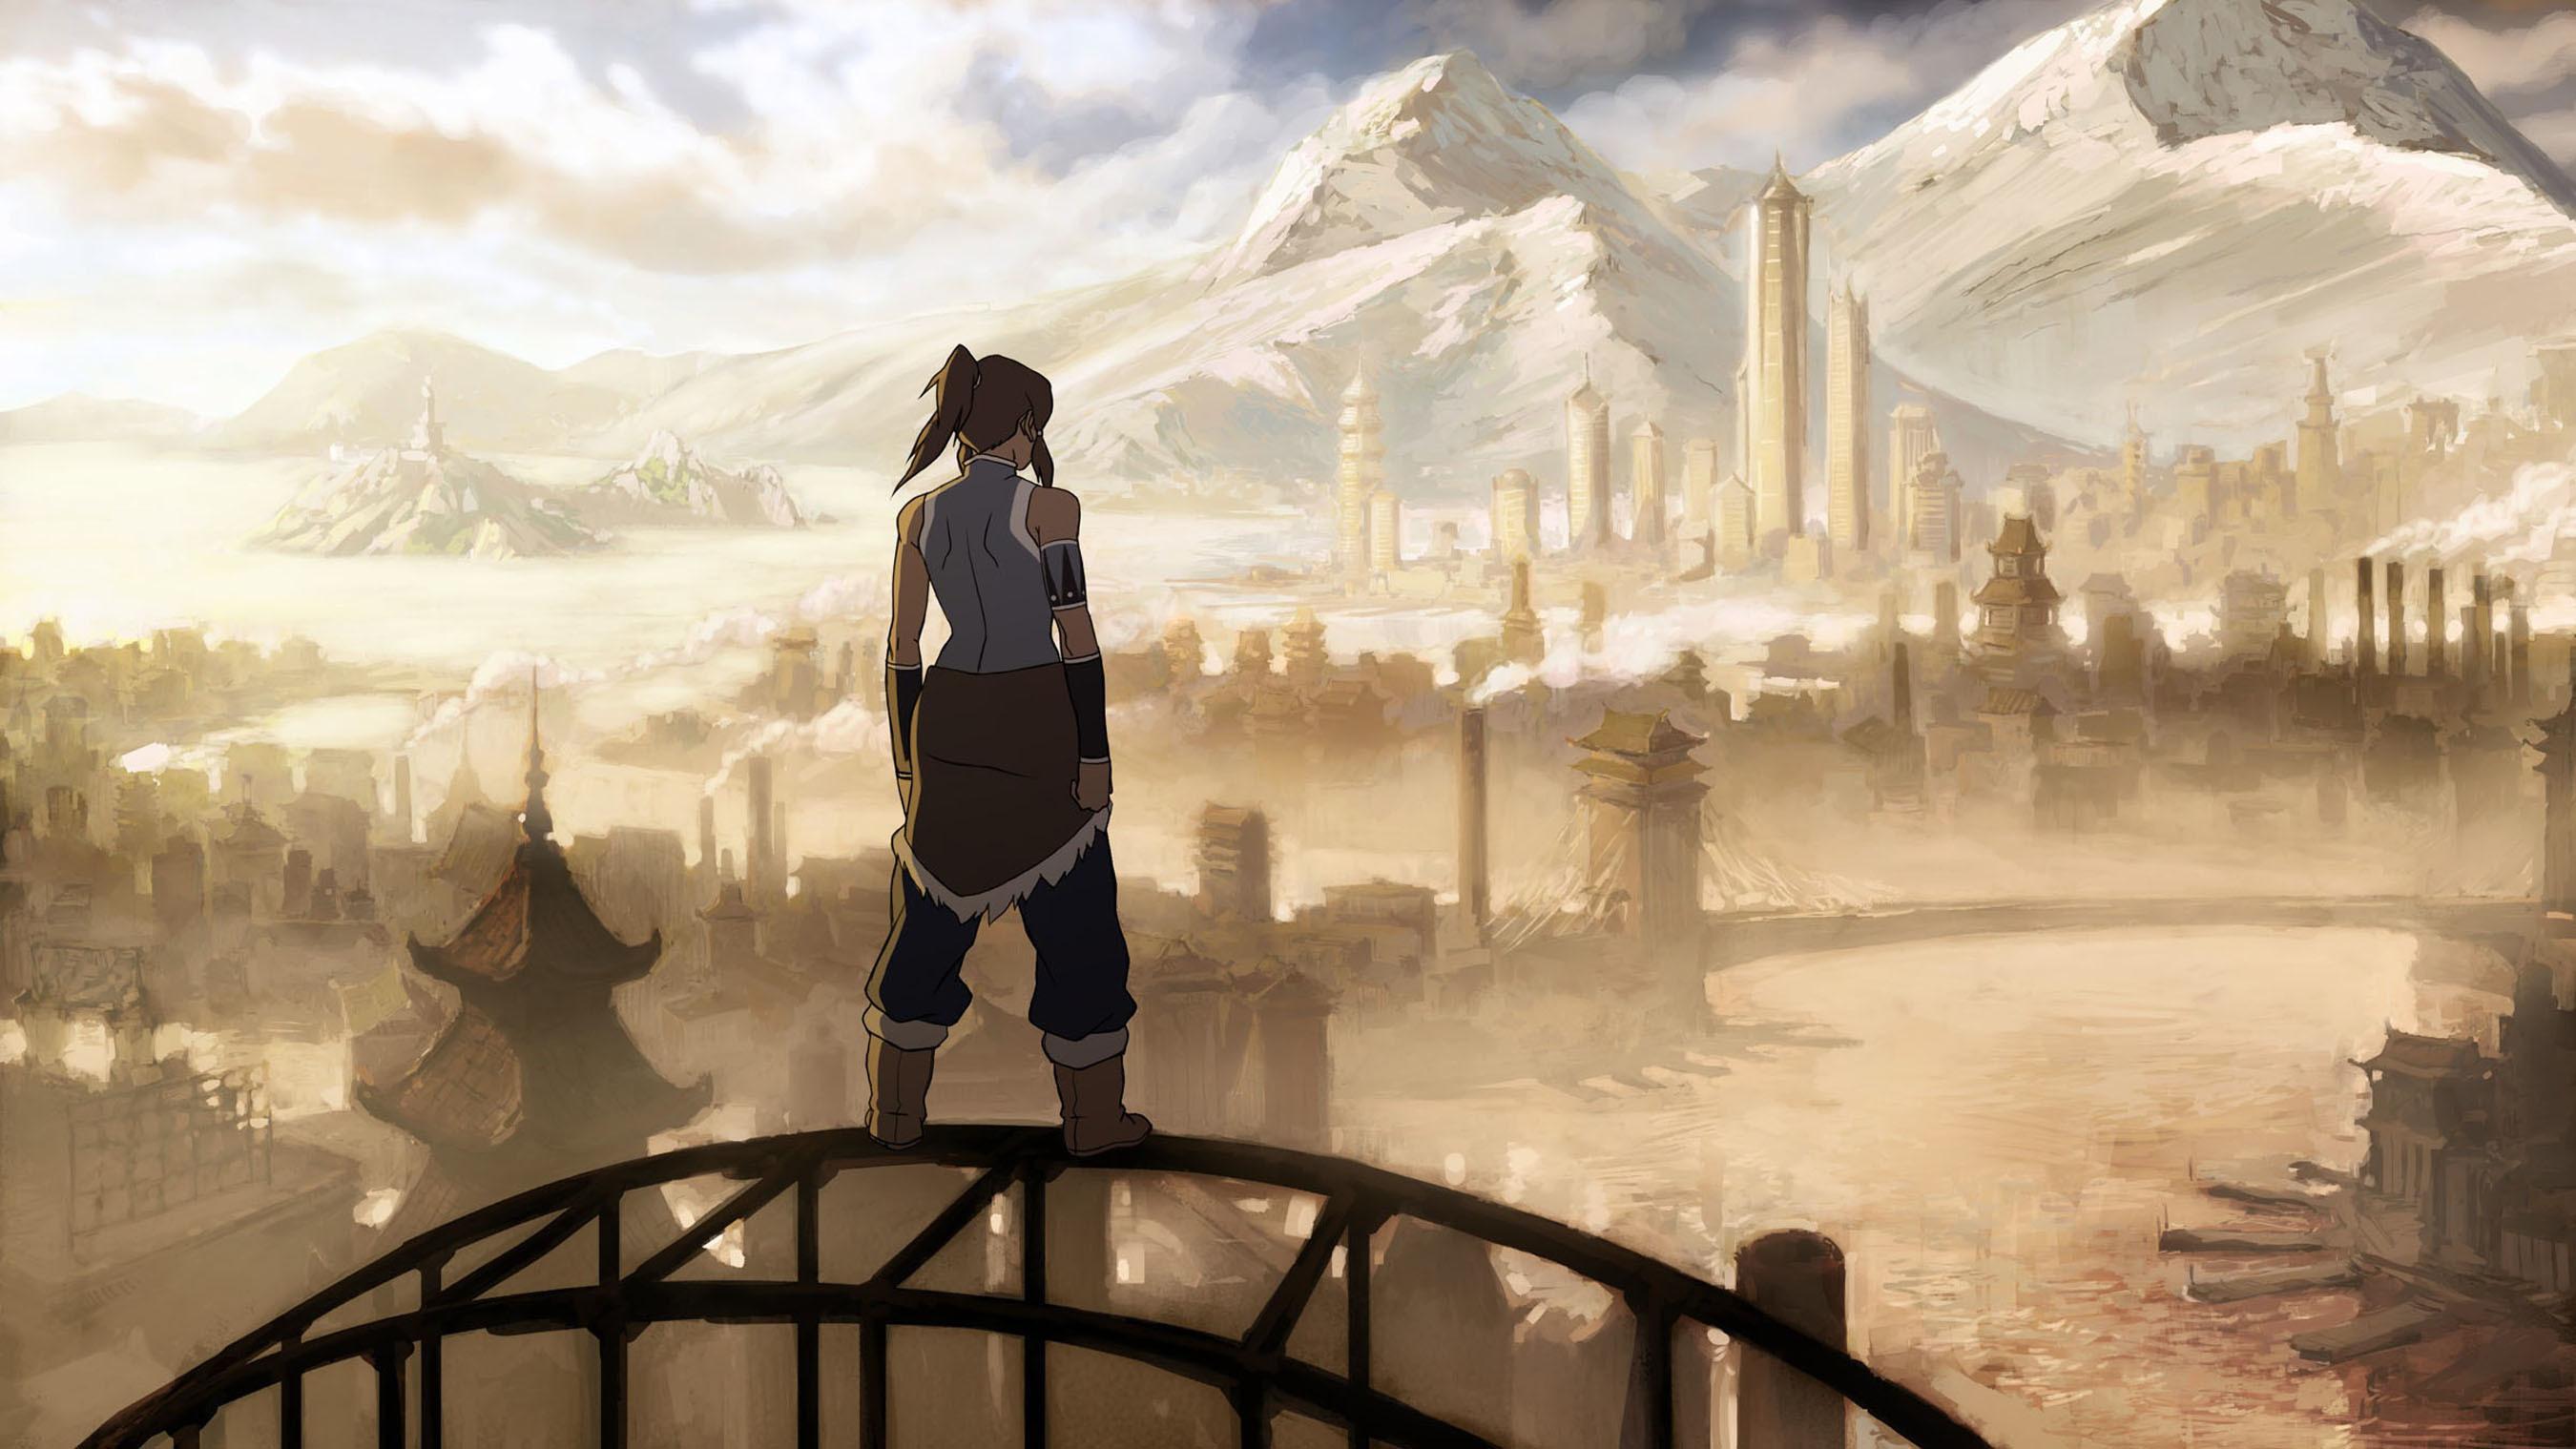 Legend of Korra Platinum Games